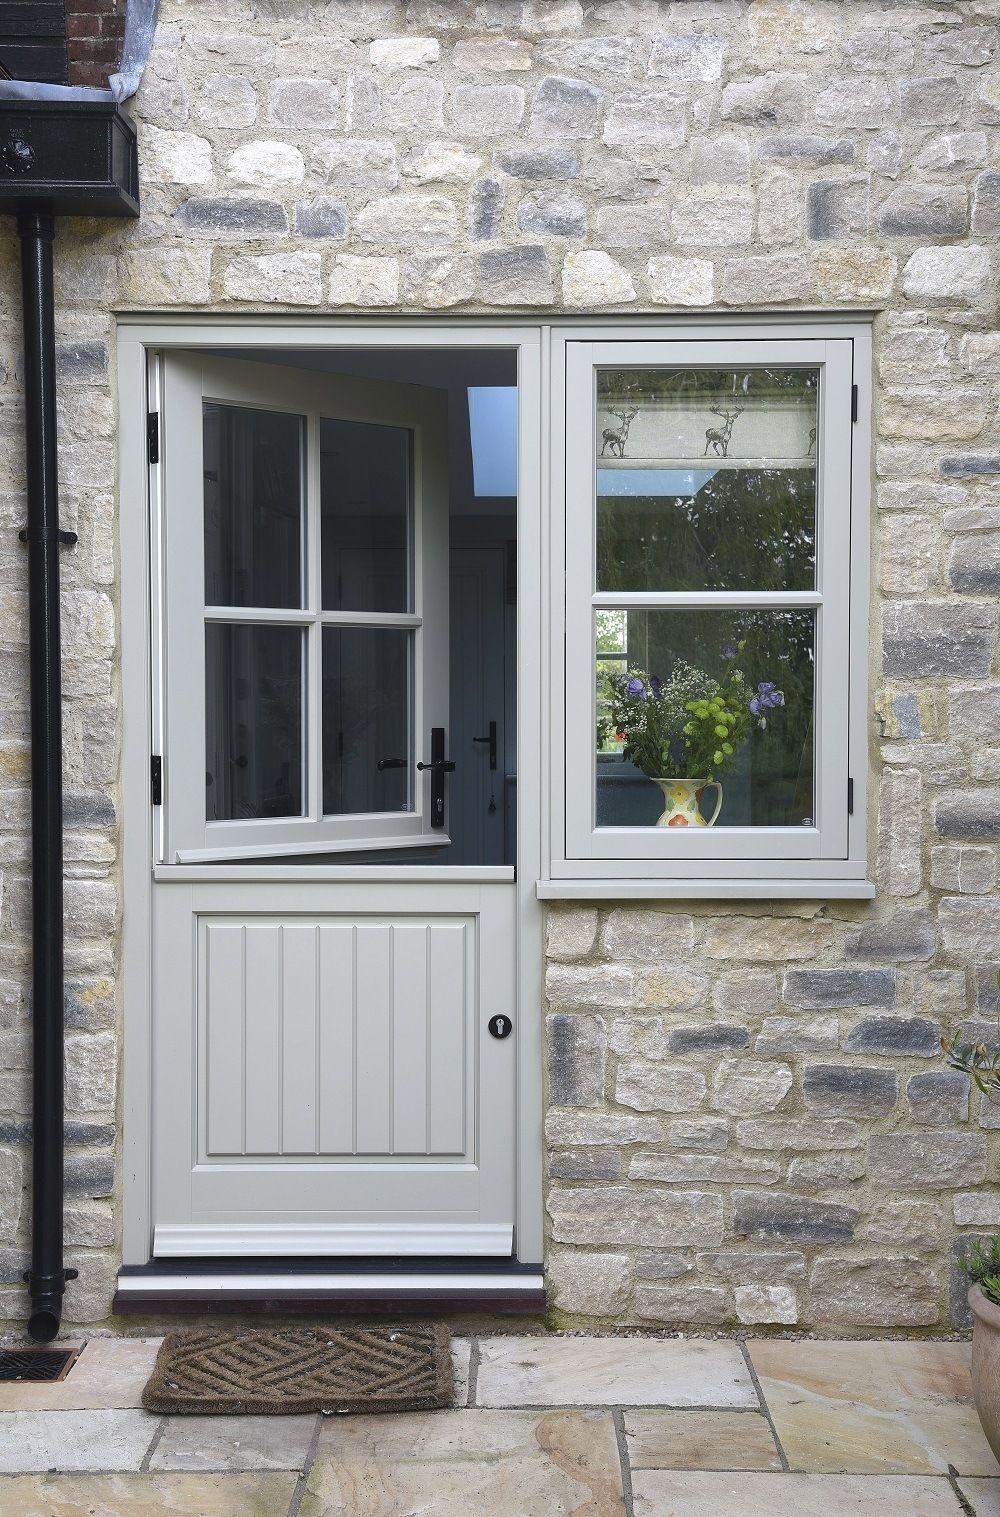 Cottage Casement Windows Front Door Stable Door French Doors Front Doors With Windows Cottage Front Doors French Doors Patio